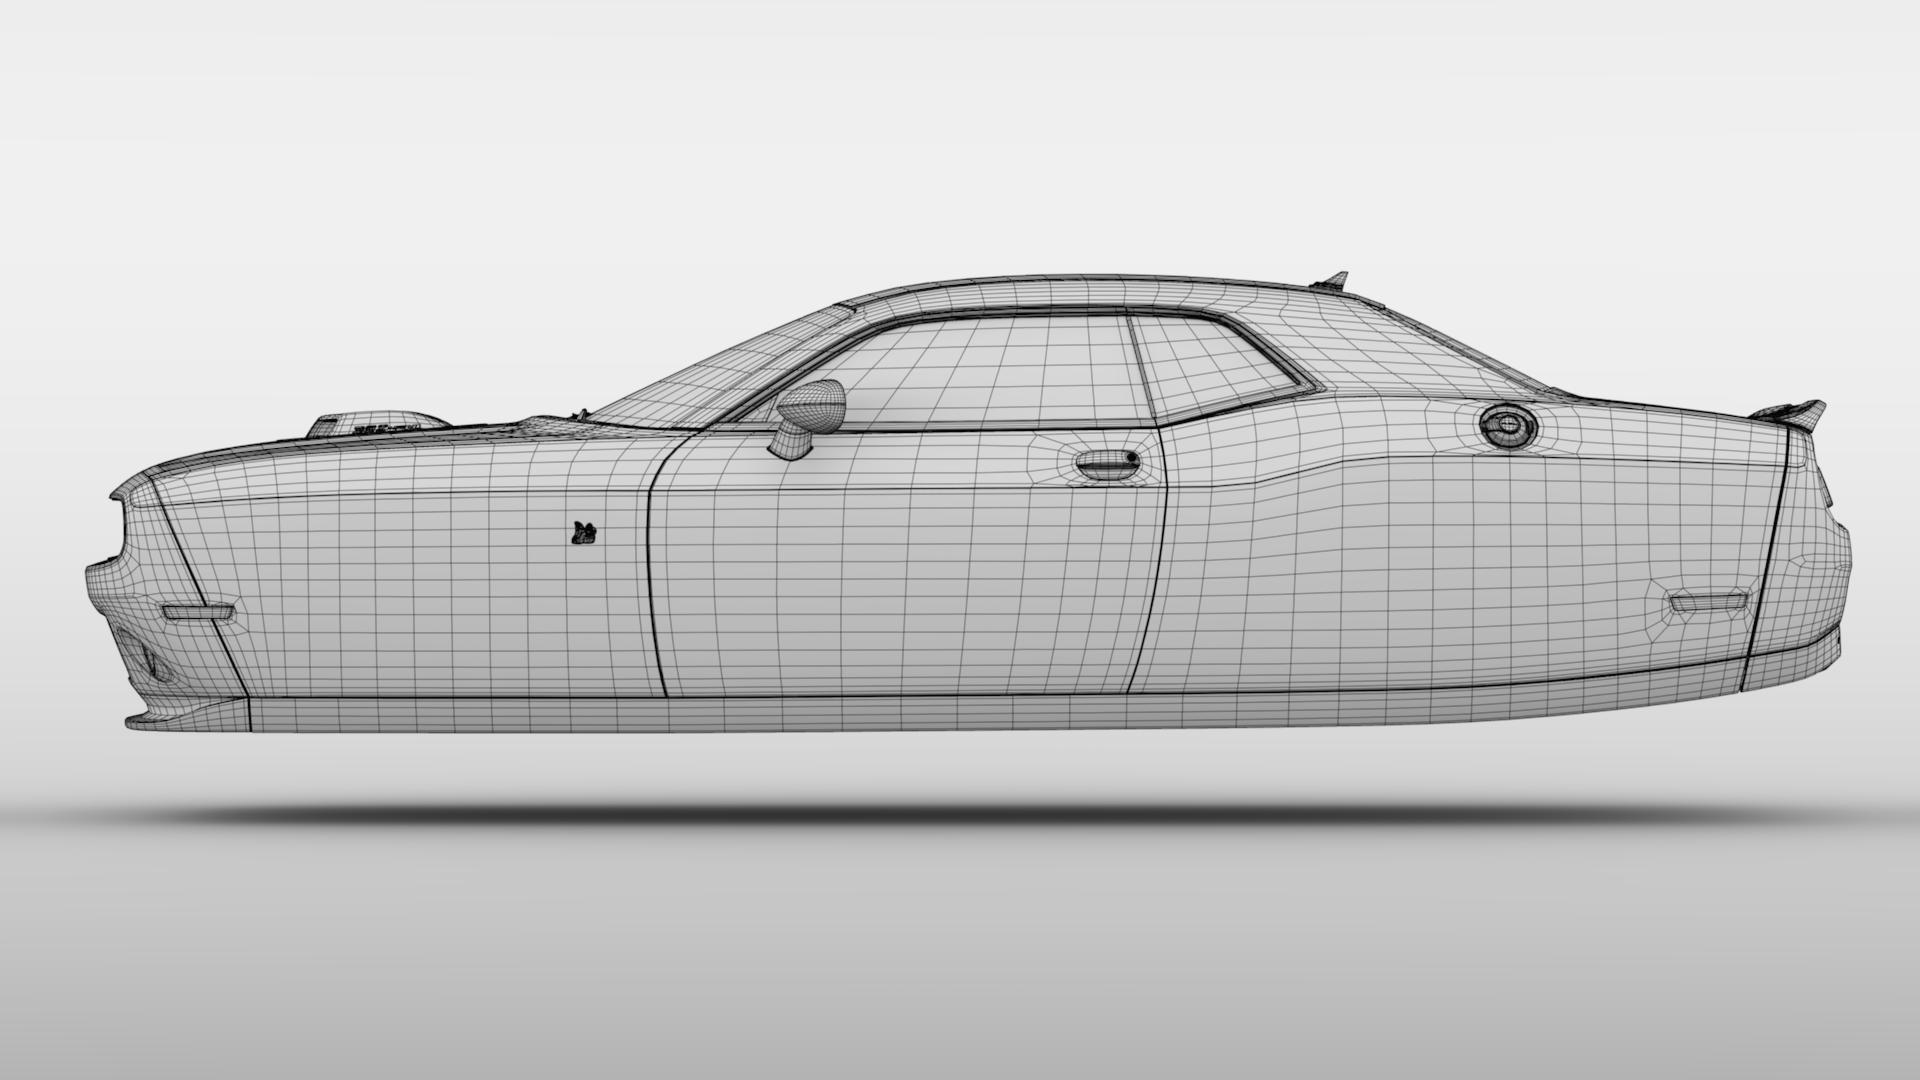 Dodge Challenger 392 shaker (lc) 2016 yn hedfan model 3d 3ds max fbx c4d ar gyfer yr hrc xsi obj 220617